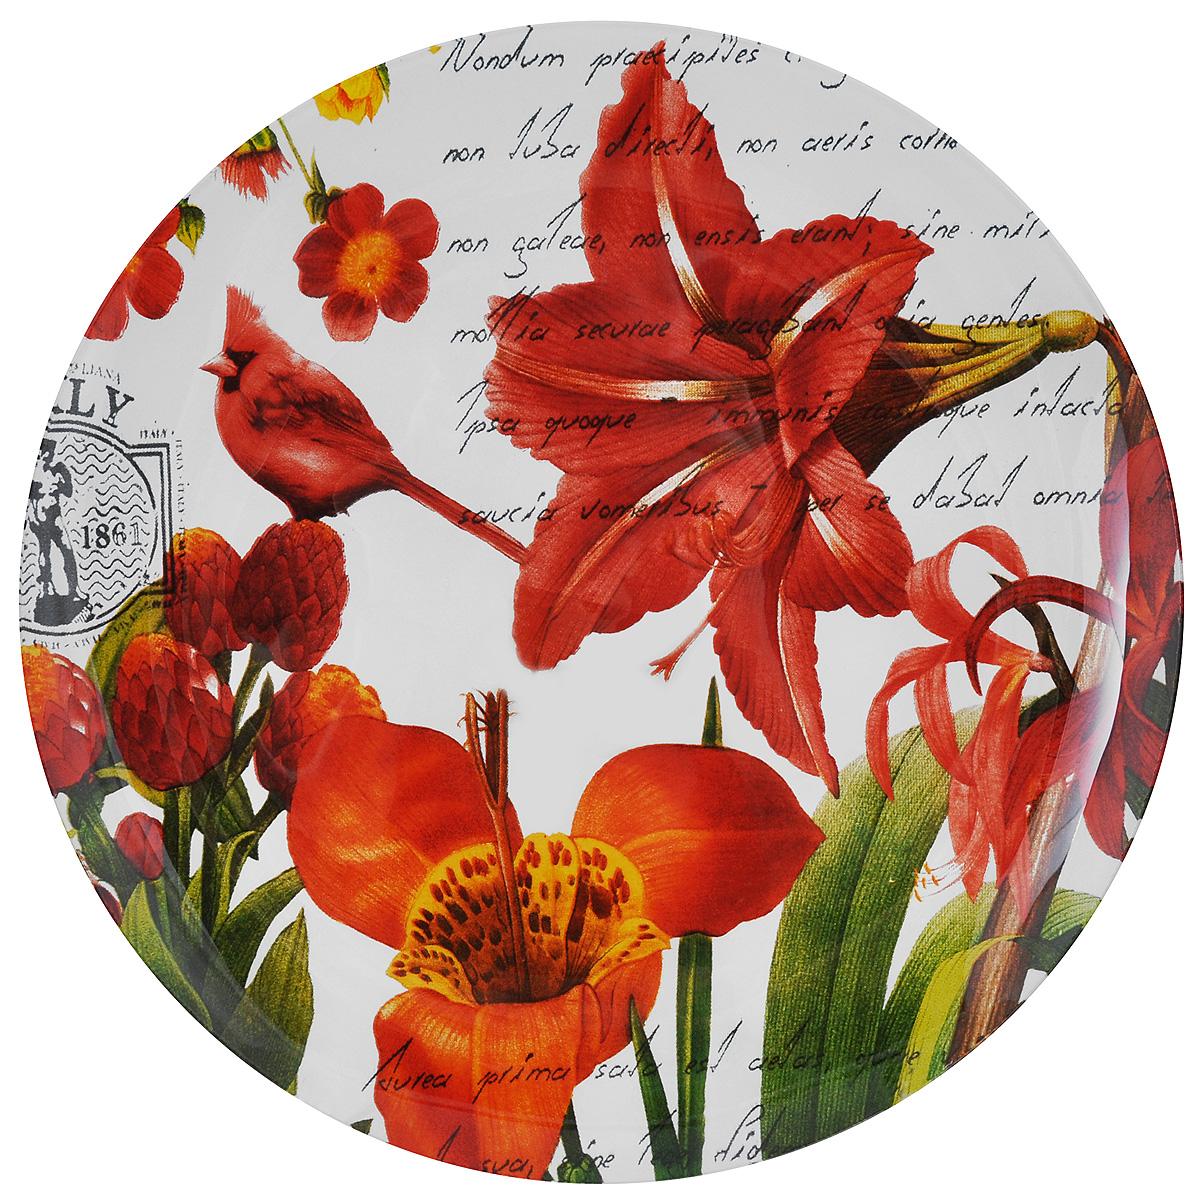 Тарелка Zibo Shelley Лилии, диаметр 25 смZSLI3010L075Круглая тарелка Zibo Shelley Лилии, изготовленная из стекла, декорирована ярким изображением цветов. Она не только украсит сервировку вашего стола и подчеркнет прекрасный вкус хозяйки, но и станет отличным подарком. Можно использовать в посудомоечной машине и СВЧ. Диаметр: 25 см. Высота: 1,5 см.